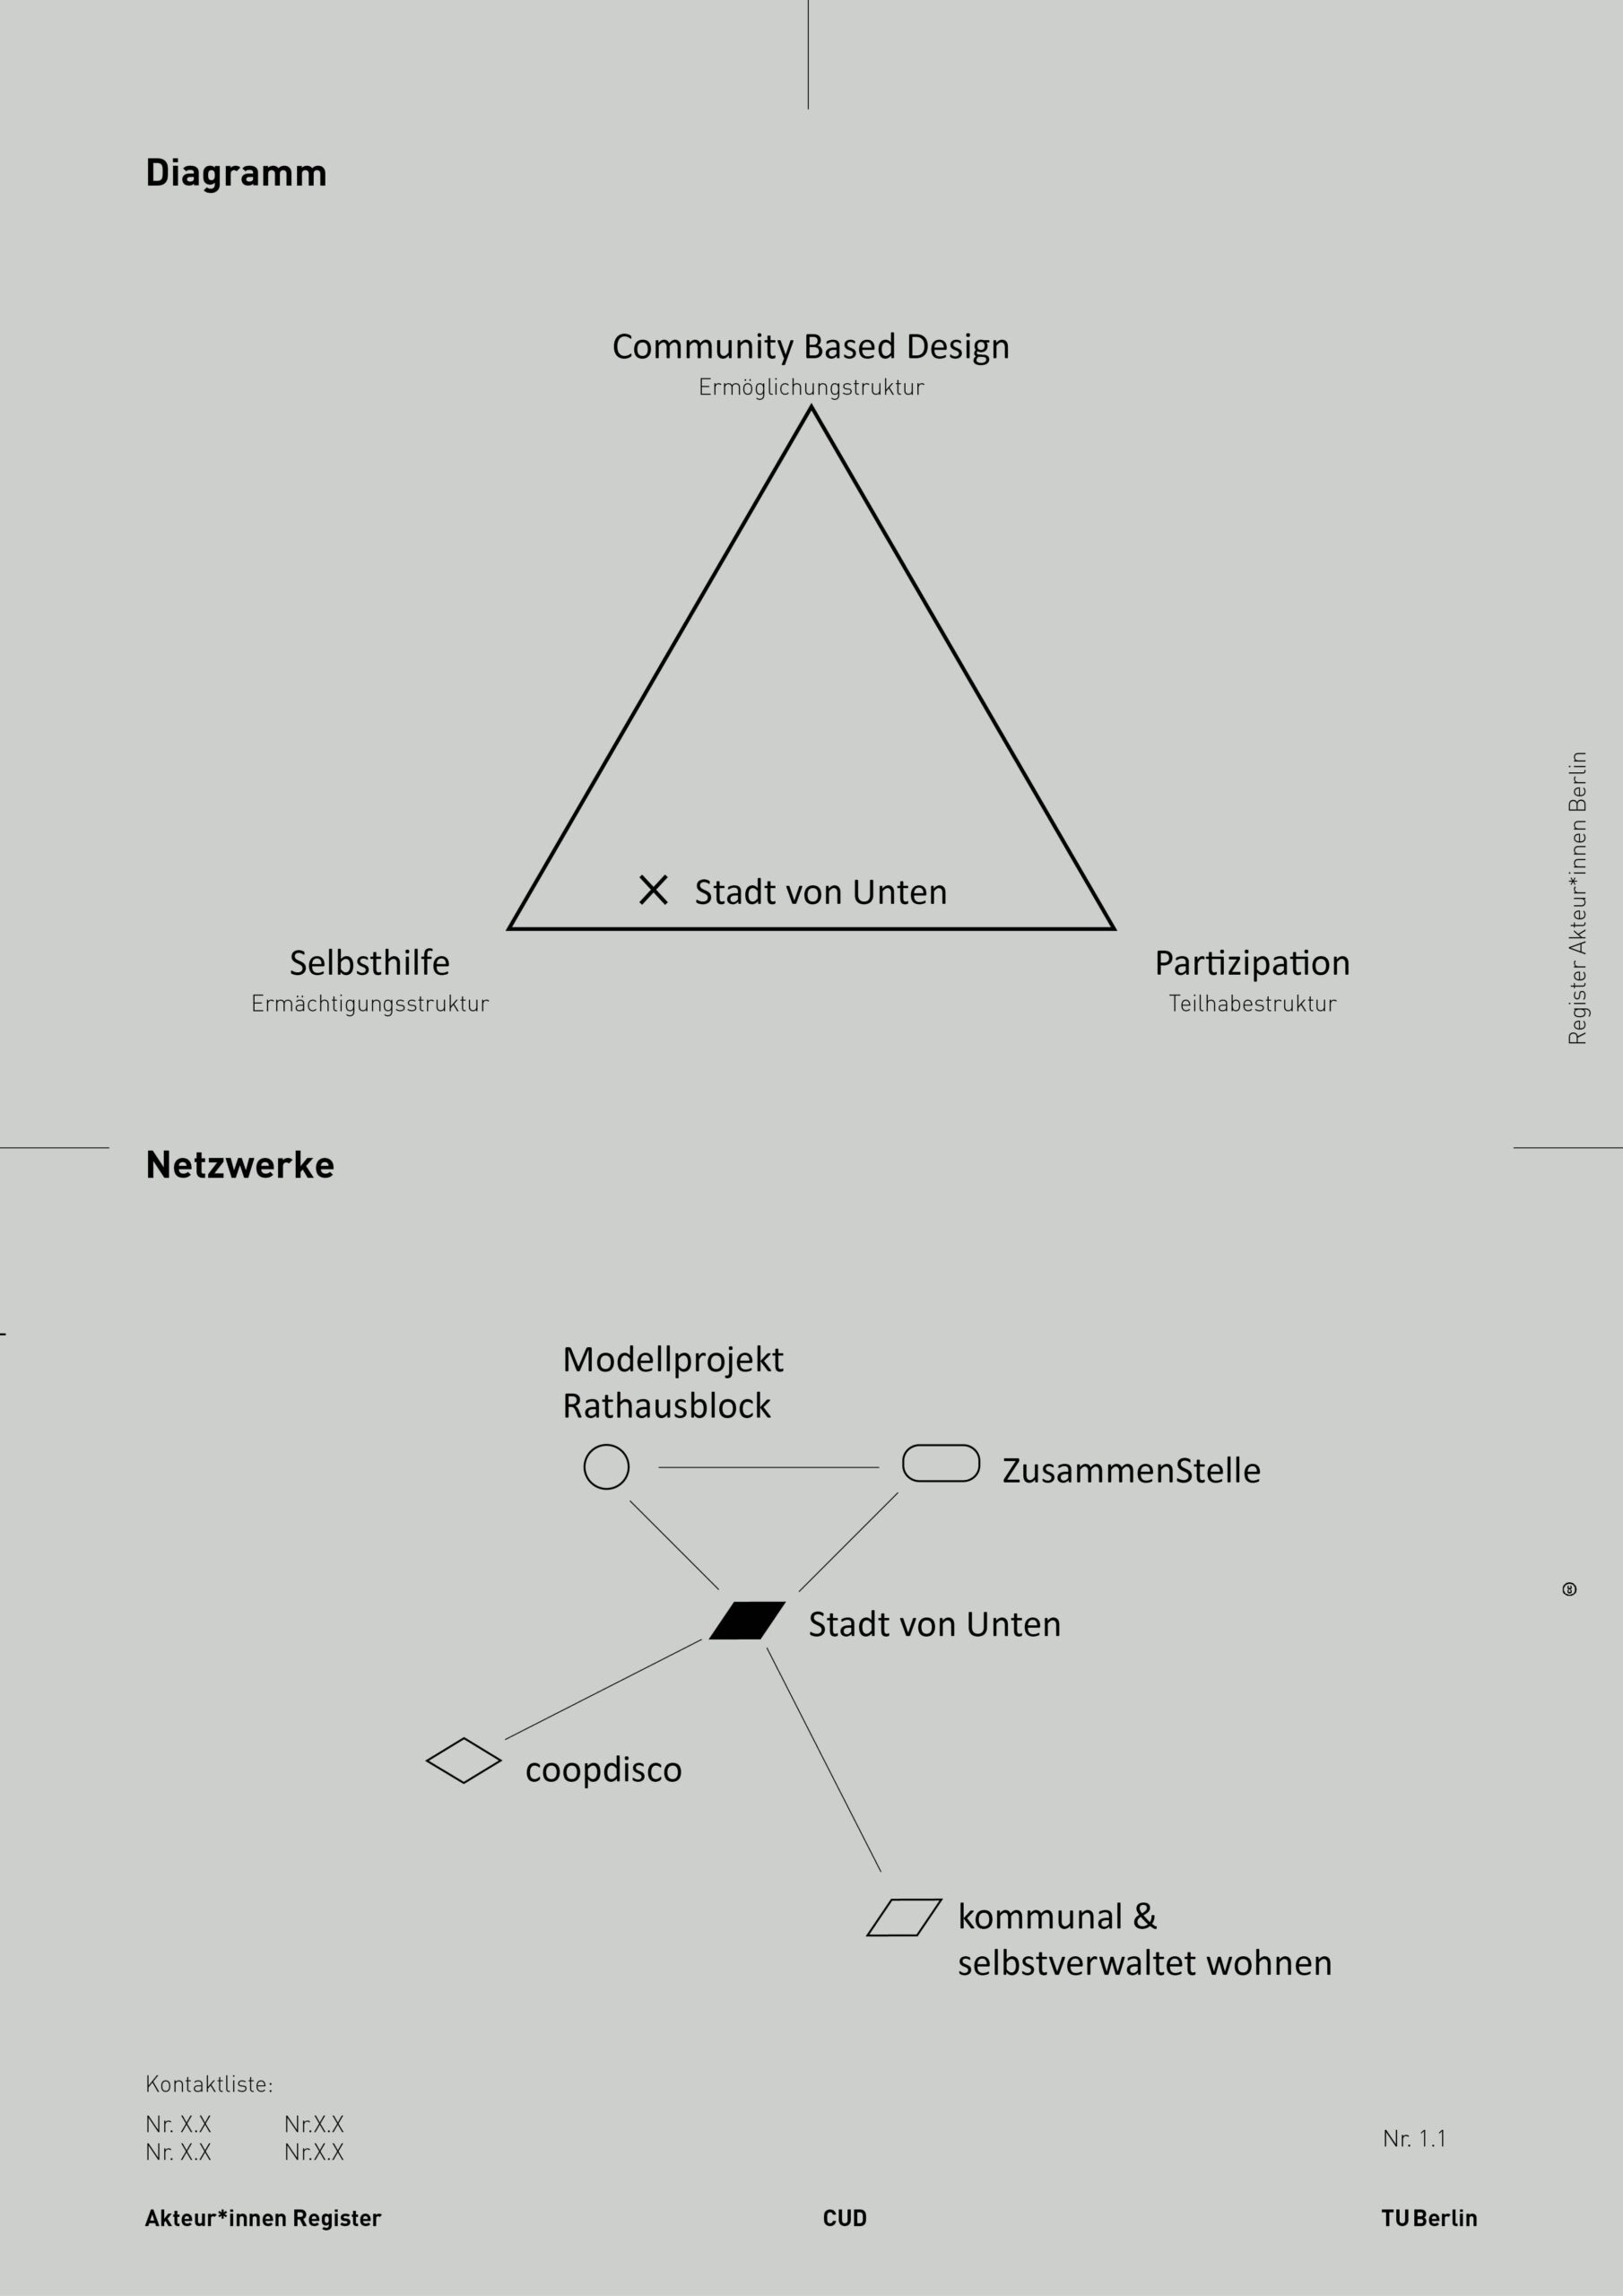 2021-05-17_AkteurInnen_Register_3